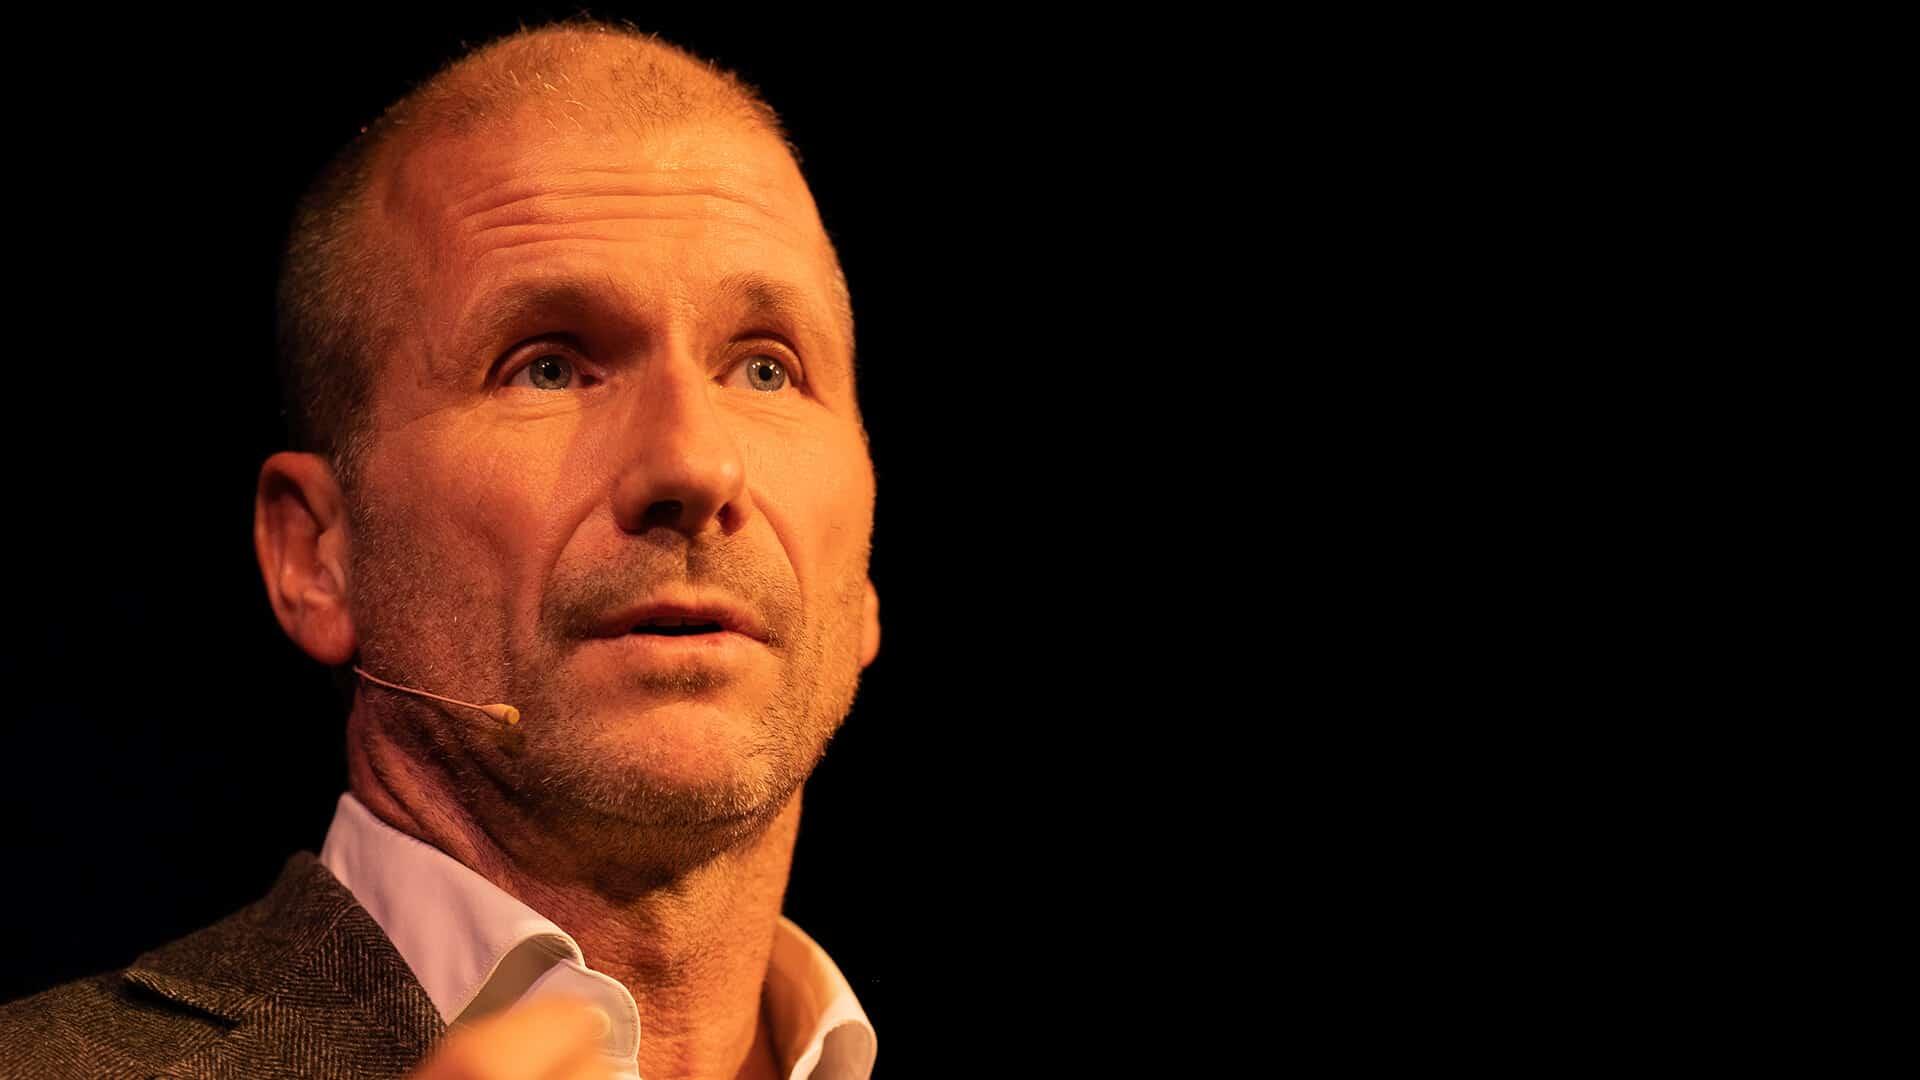 Teatersjef Stefan Larsson under lanseringen av teaterprogrammet 2020